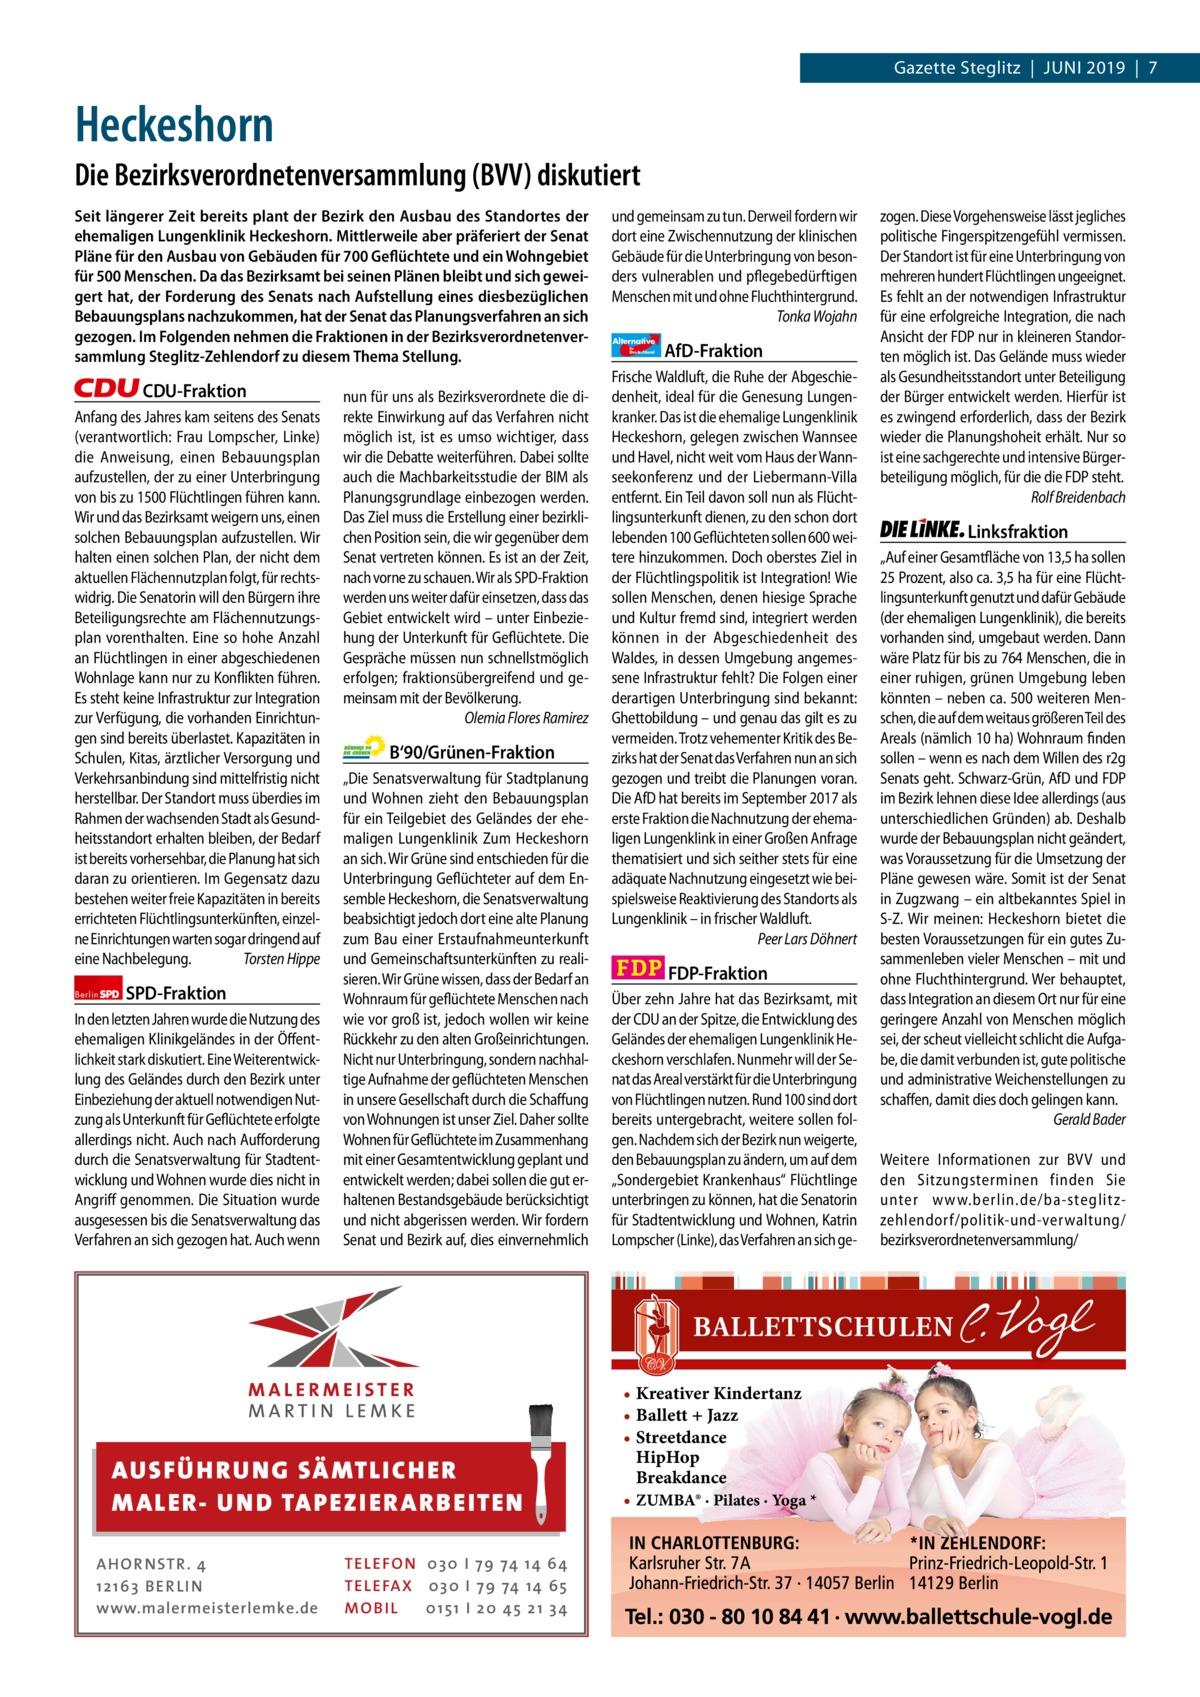 1 | Gazette Zehlendorf | JUNI 2019  Gazette Steglitz|Juni 2019|7  Heckeshorn Die Bezirksverordnetenversammlung (BVV) diskutiert Seit längerer Zeit bereits plant der Bezirk den Ausbau des Standortes der ehemaligen Lungenklinik Heckeshorn. Mittlerweile aber präferiert der Senat Pläne für den Ausbau von Gebäuden für 700Geflüchtete und ein Wohngebiet für 500Menschen. Da das Bezirksamt bei seinen Plänen bleibt und sich geweigert hat, der Forderung des Senats nach Aufstellung eines diesbezüglichen Bebauungsplans nachzukommen, hat der Senat das Planungsverfahren an sich gezogen. Im Folgenden nehmen die Fraktionen in der Bezirksverordnetenversammlung Steglitz-Zehlendorf zu diesem Thema Stellung.  CDU-Fraktion Anfang des Jahres kam seitens des Senats (verantwortlich: Frau Lompscher, Linke) die Anweisung, einen Bebauungsplan aufzustellen, der zu einer Unterbringung von bis zu 1500Flüchtlingen führen kann. Wir und das Bezirksamt weigern uns, einen solchen Bebauungsplan aufzustellen. Wir halten einen solchen Plan, der nicht dem aktuellen Flächennutzplan folgt, für rechtswidrig. Die Senatorin will den Bürgern ihre Beteiligungsrechte am Flächennutzungsplan vorenthalten. Eine so hohe Anzahl an Flüchtlingen in einer abgeschiedenen Wohnlage kann nur zu Konflikten führen. Es steht keine Infrastruktur zur Integration zur Verfügung, die vorhanden Einrichtungen sind bereits überlastet. Kapazitäten in Schulen, Kitas, ärztlicher Versorgung und Verkehrsanbindung sind mittelfristig nicht herstellbar. Der Standort muss überdies im Rahmen der wachsenden Stadt als Gesundheitsstandort erhalten bleiben, der Bedarf ist bereits vorhersehbar, die Planung hat sich daran zu orientieren. Im Gegensatz dazu bestehen weiter freie Kapazitäten in bereits errichteten Flüchtlingsunterkünften, einzelne Einrichtungen warten sogar dringend auf eine Nachbelegung. Torsten Hippe Berlin  SPD-Fraktion  In den letzten Jahren wurde die Nutzung des ehemaligen Klinikgeländes in der Öffentlichkeit stark diskutiert. Eine 